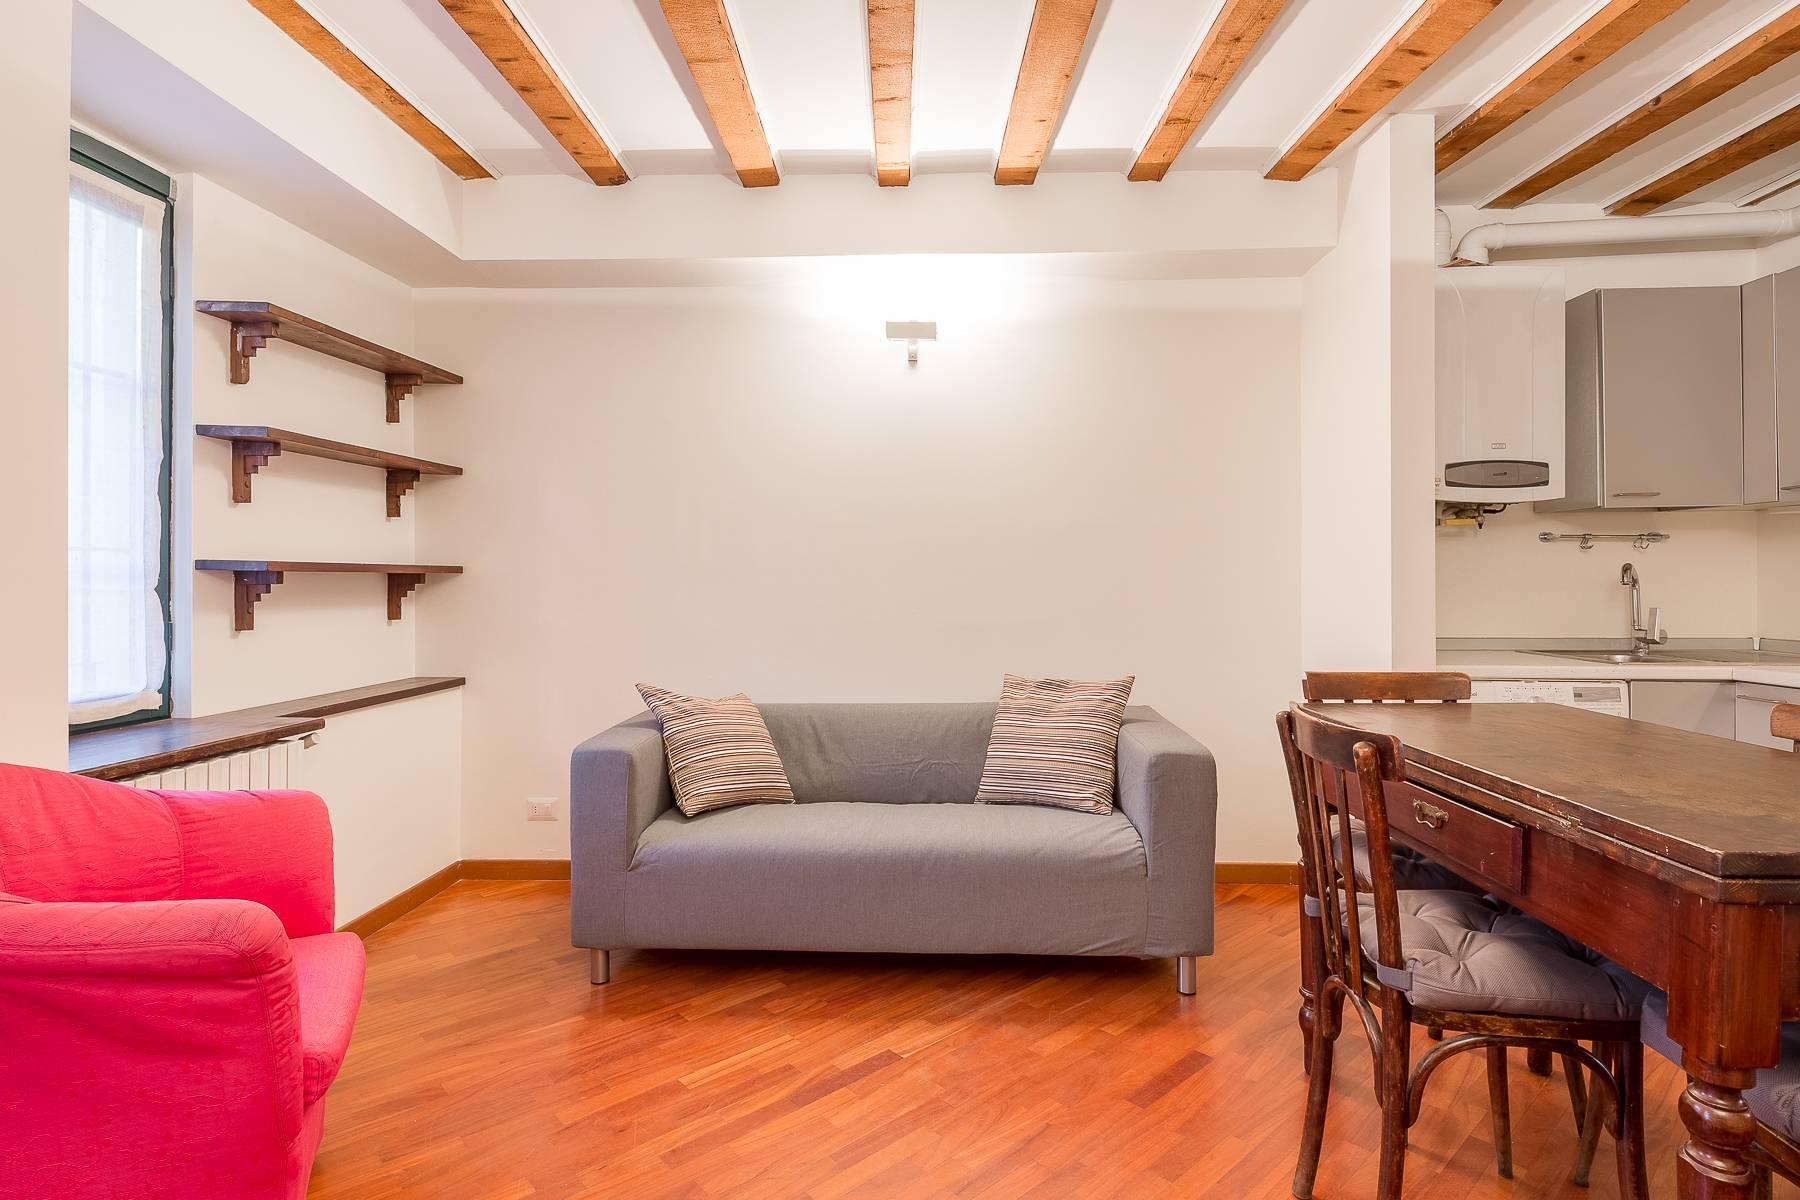 Renovierte Zwei-zimmer wohnung im Stadtviertel Navigli - 1